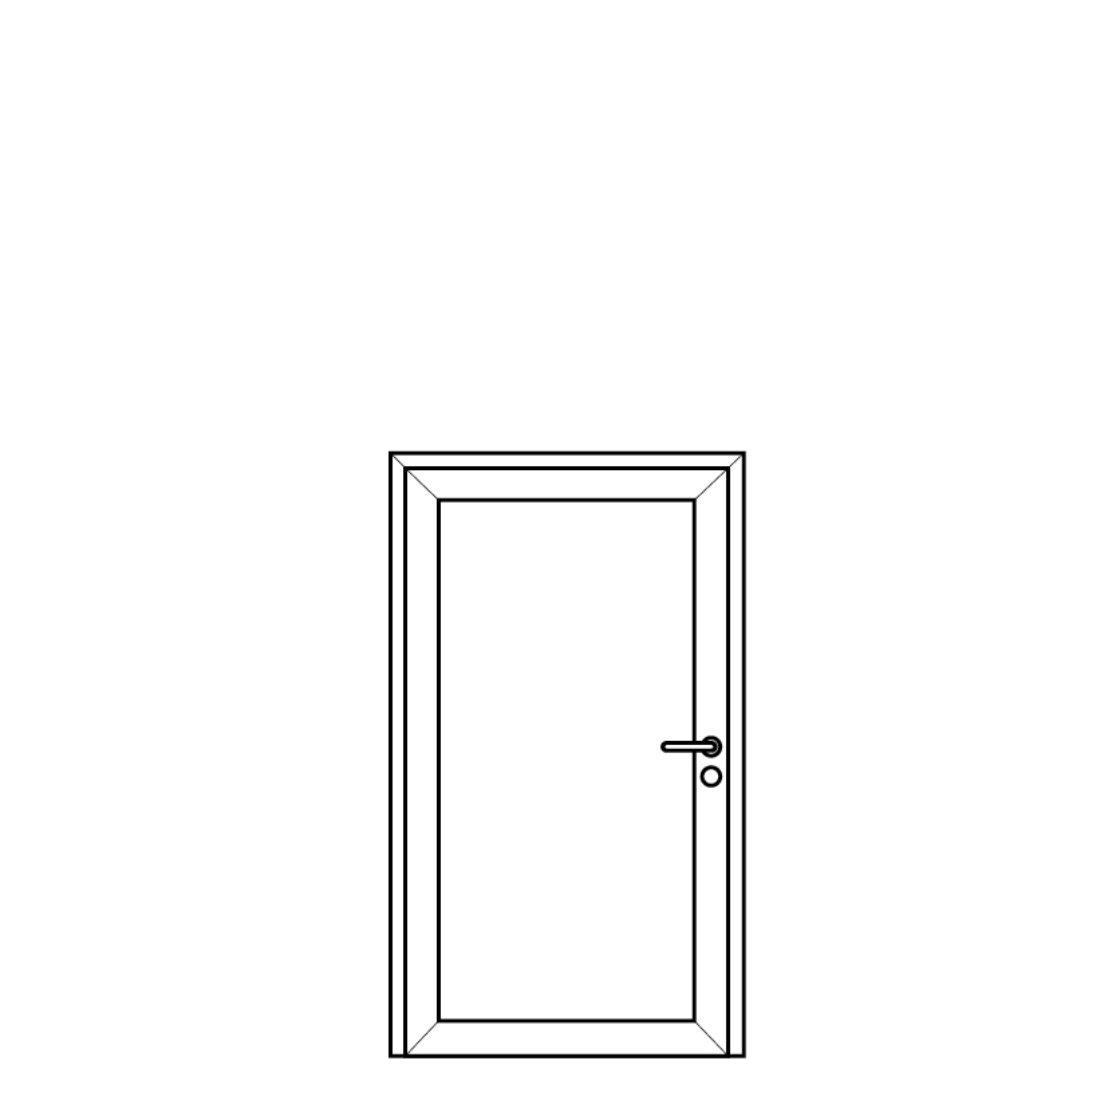 NorDan Alu Door Config Single